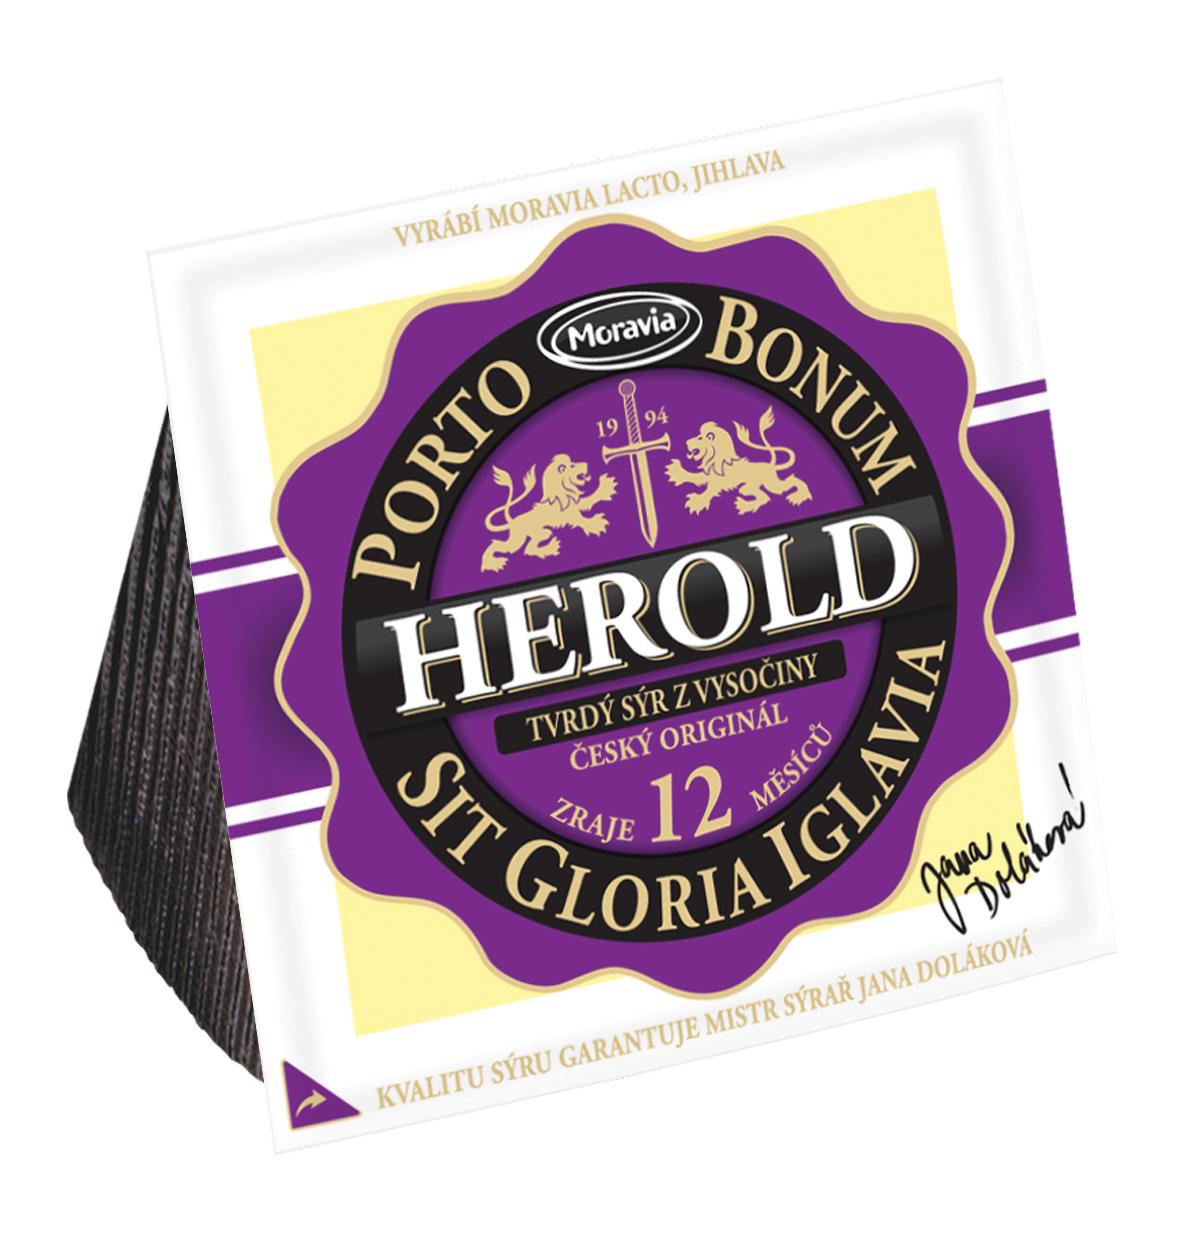 Sýr Herold 12 měsíční mlékárna Moravia